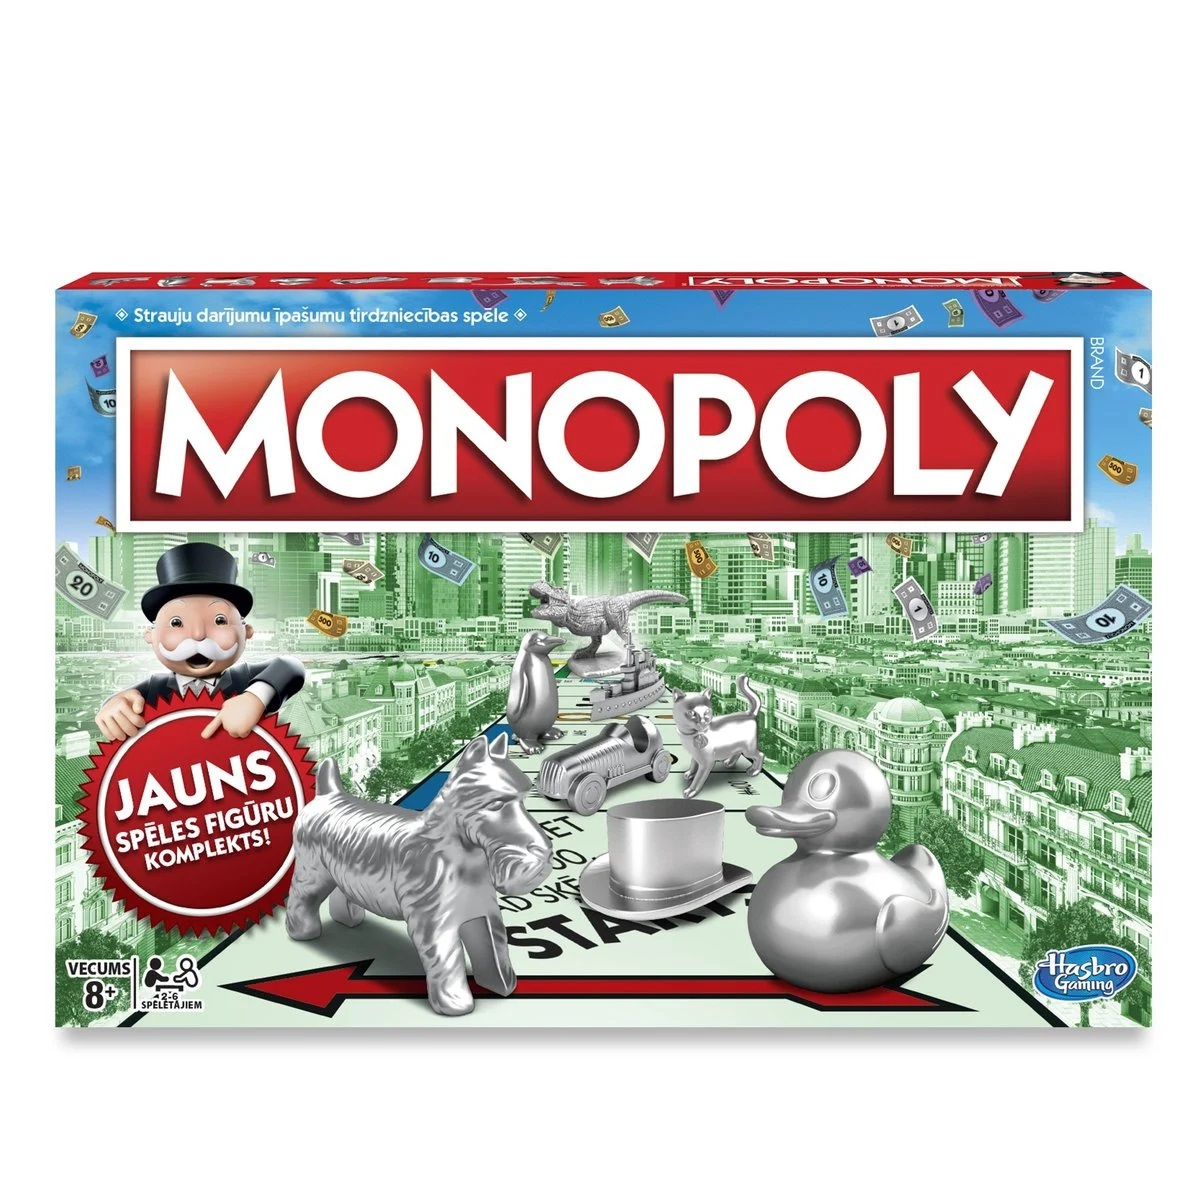 Monopols spēle